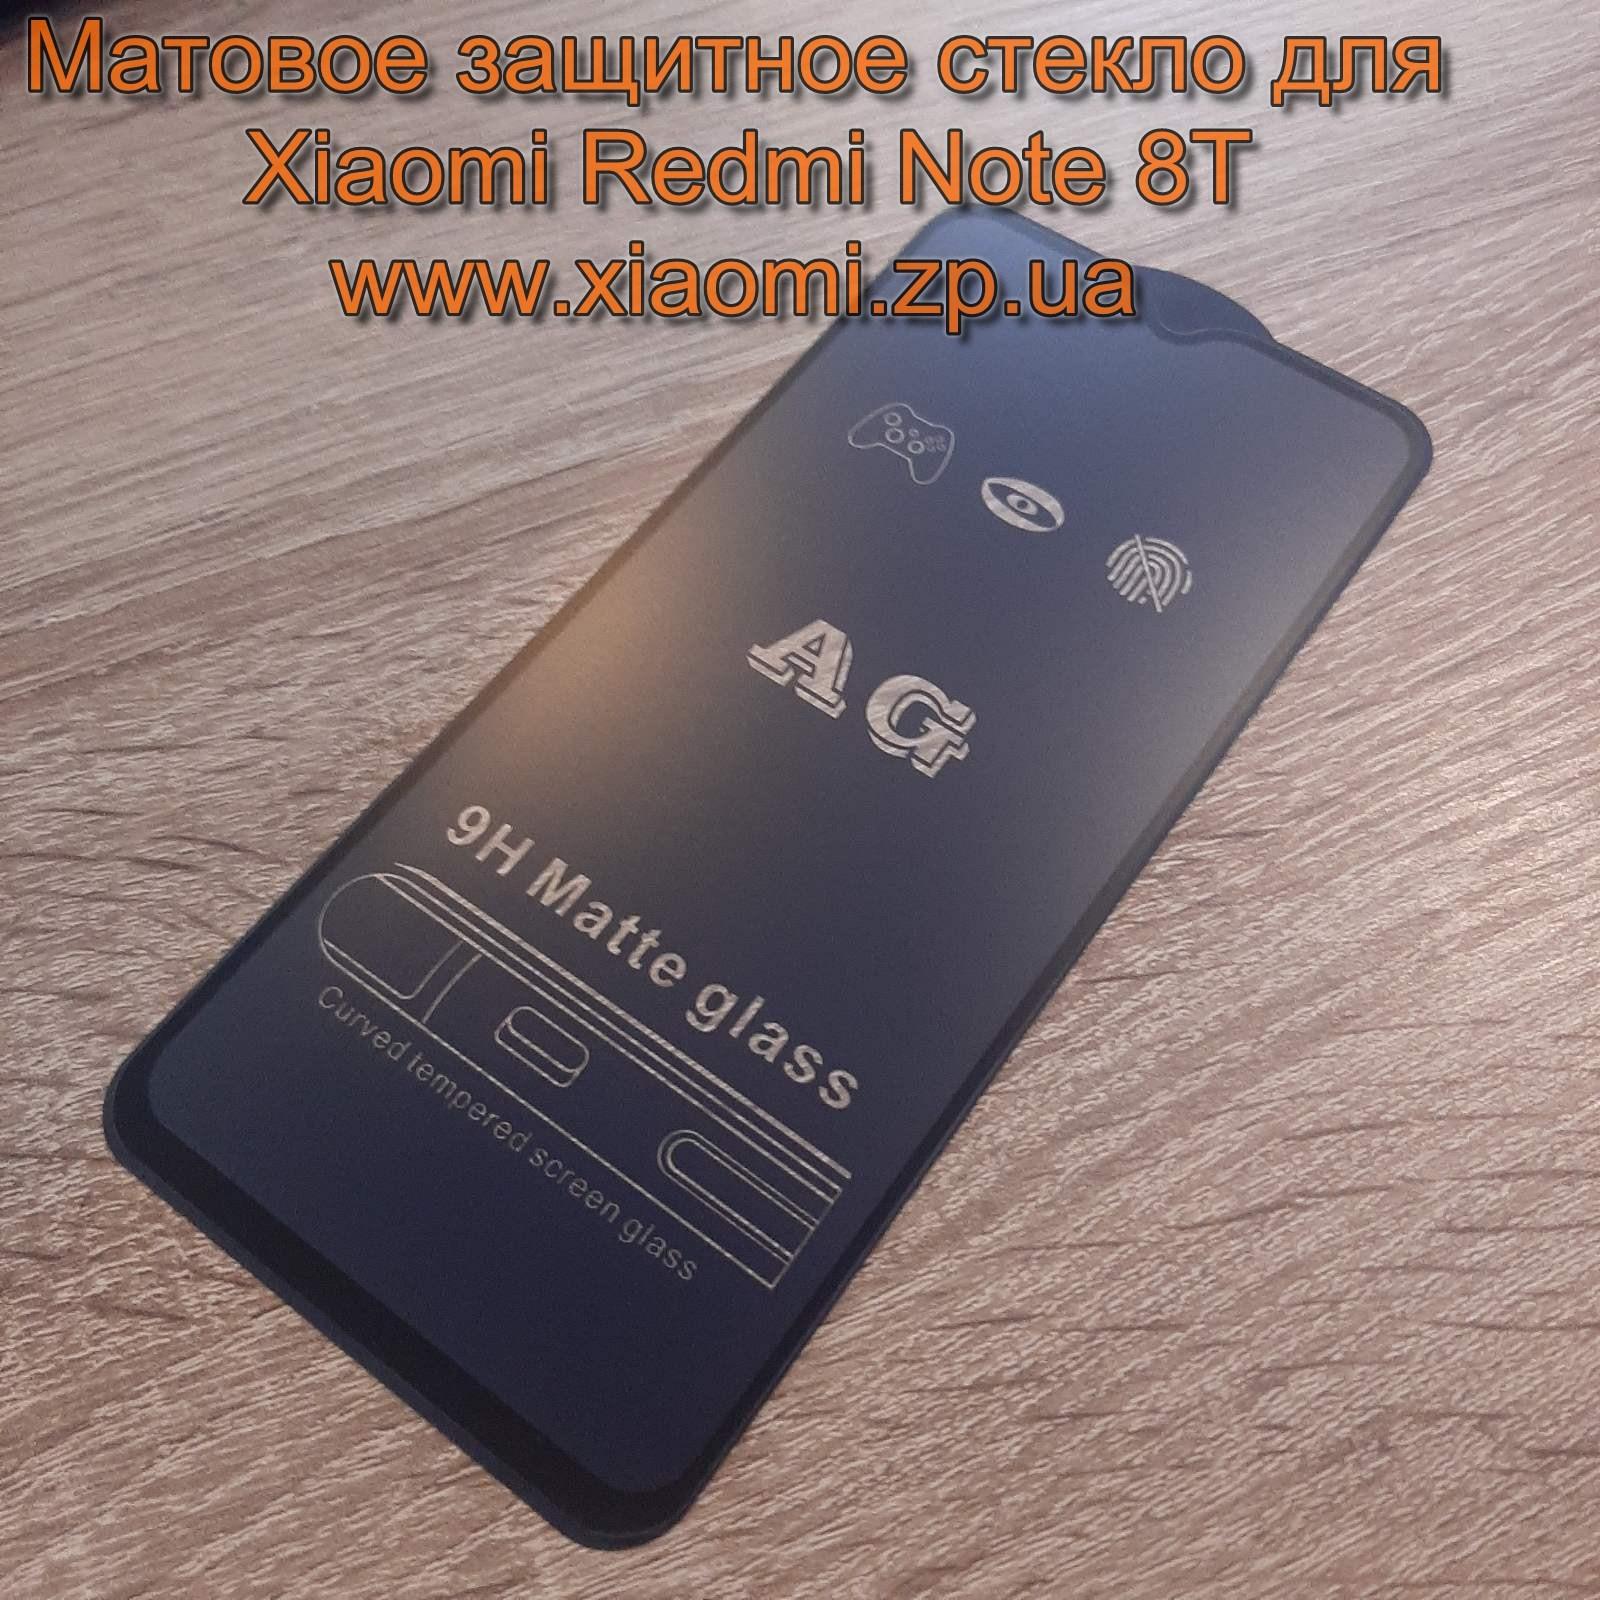 Матовое защитное стекло для Xiaomi Redmi Note 8T